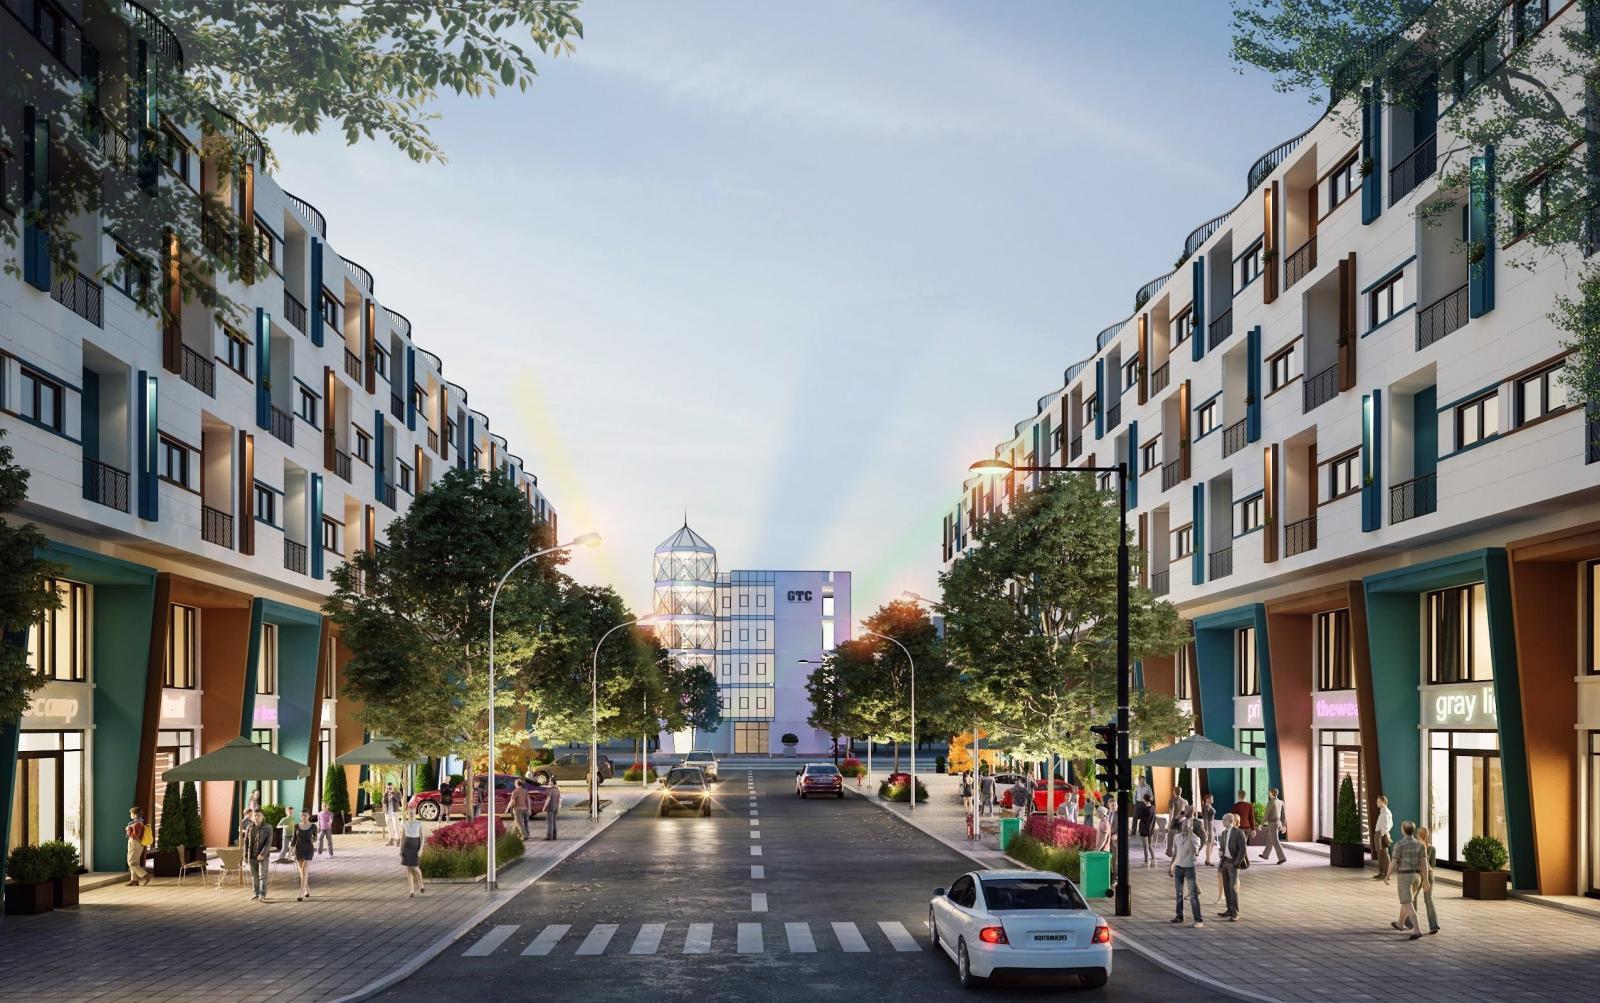 Một góc con đường với hai bên là dãy nhà thương mại với tone màu trắng xanh